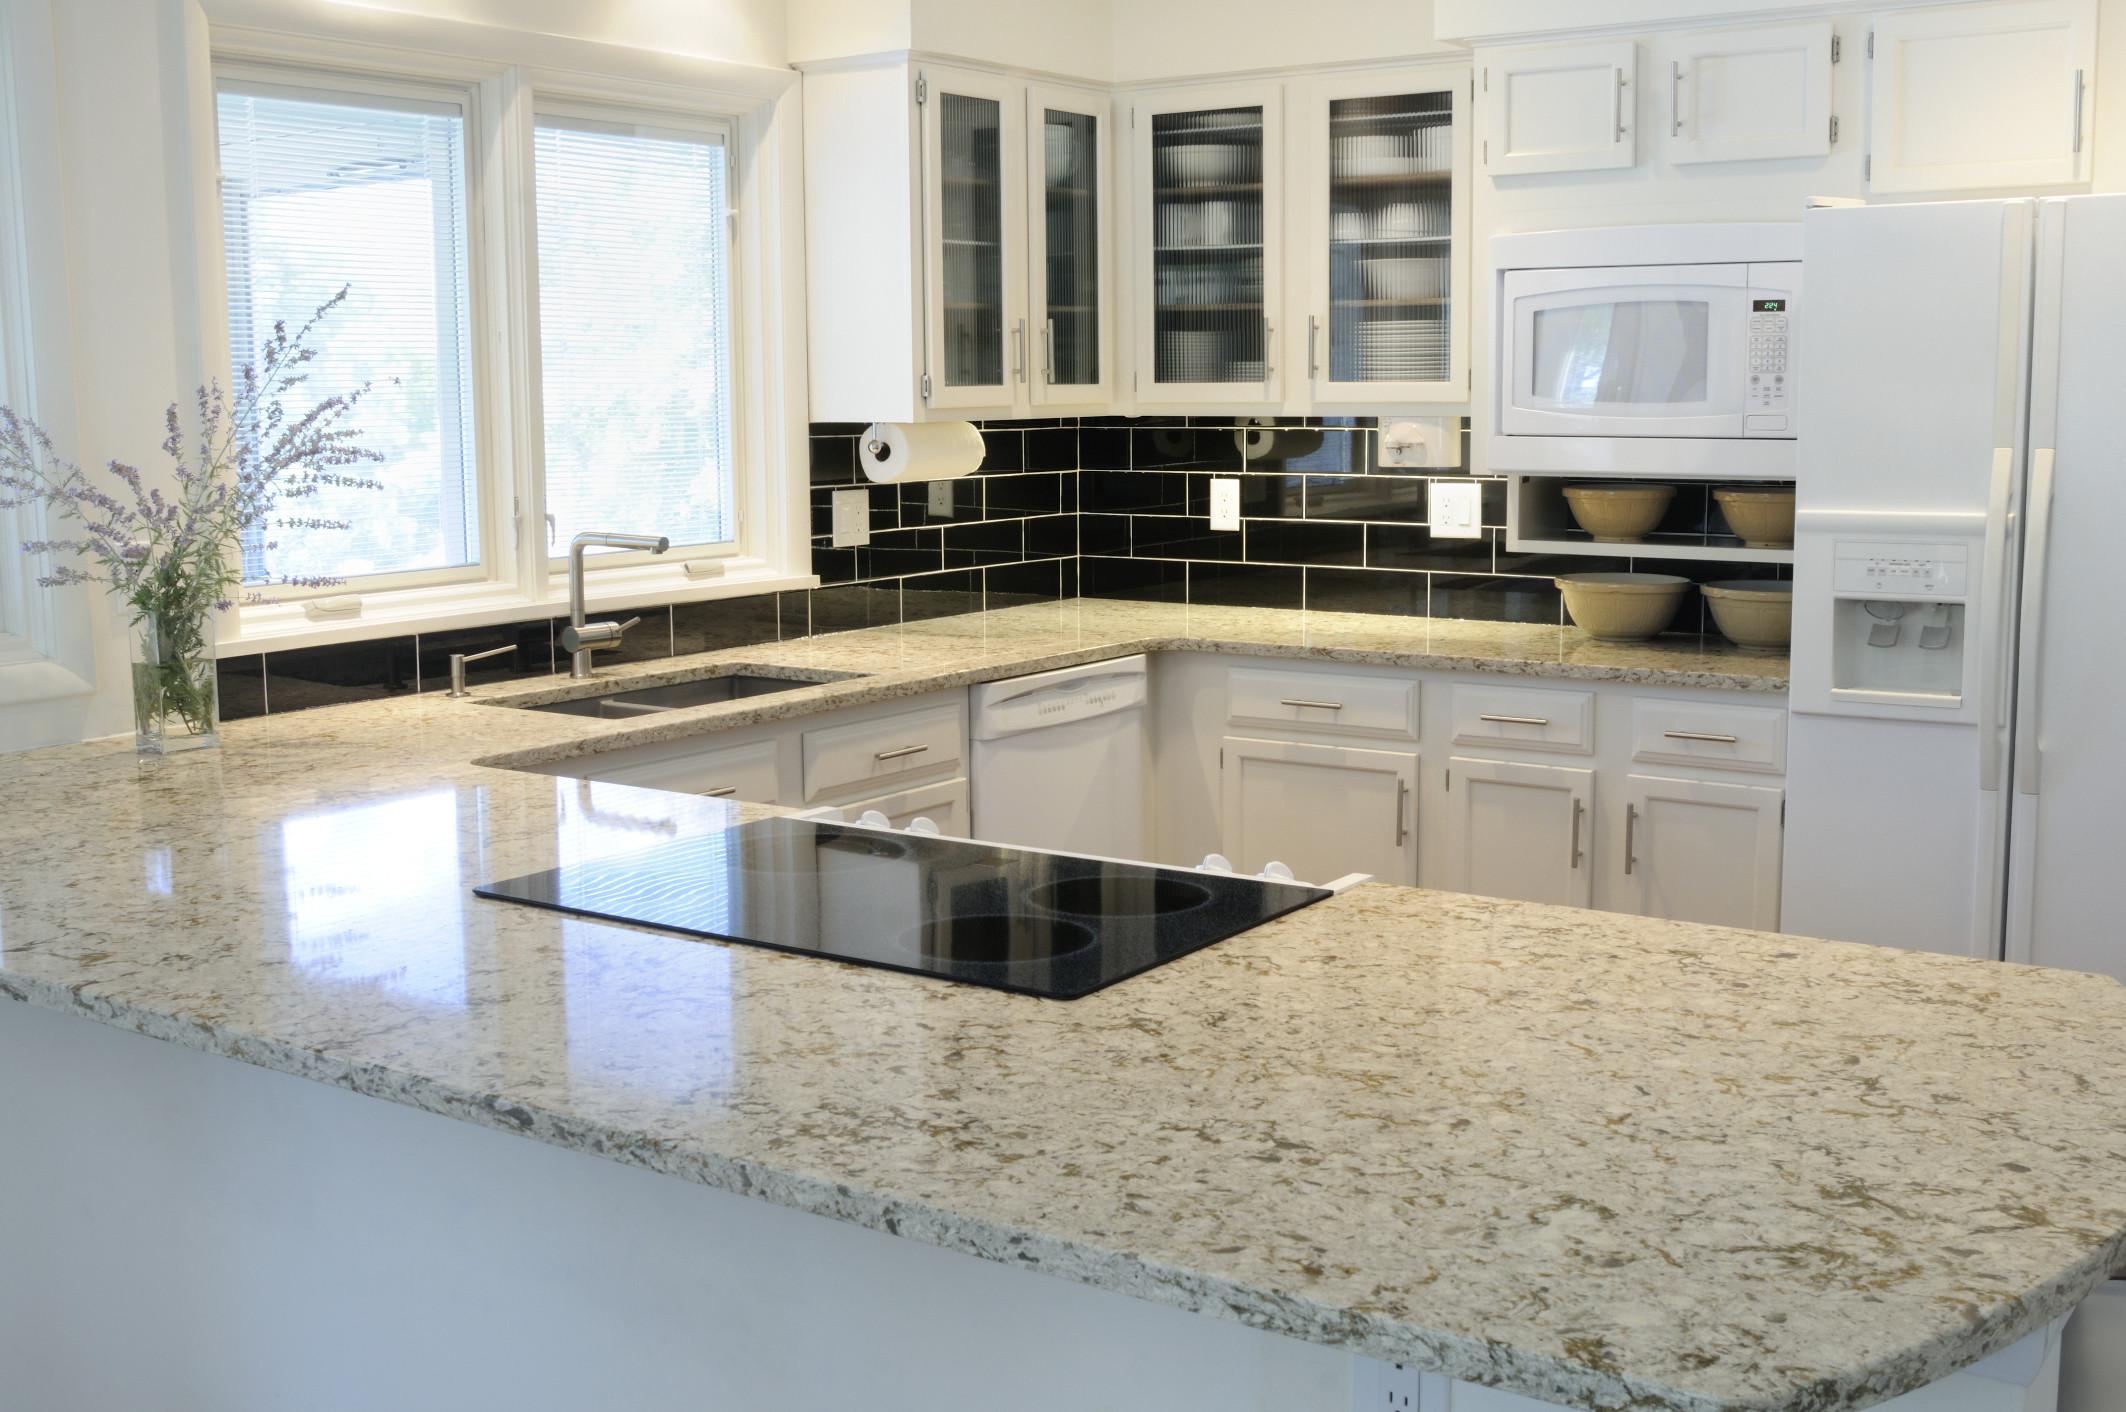 Topic: Reasons Homeowners Prefer Countertops Made Of Black Granite